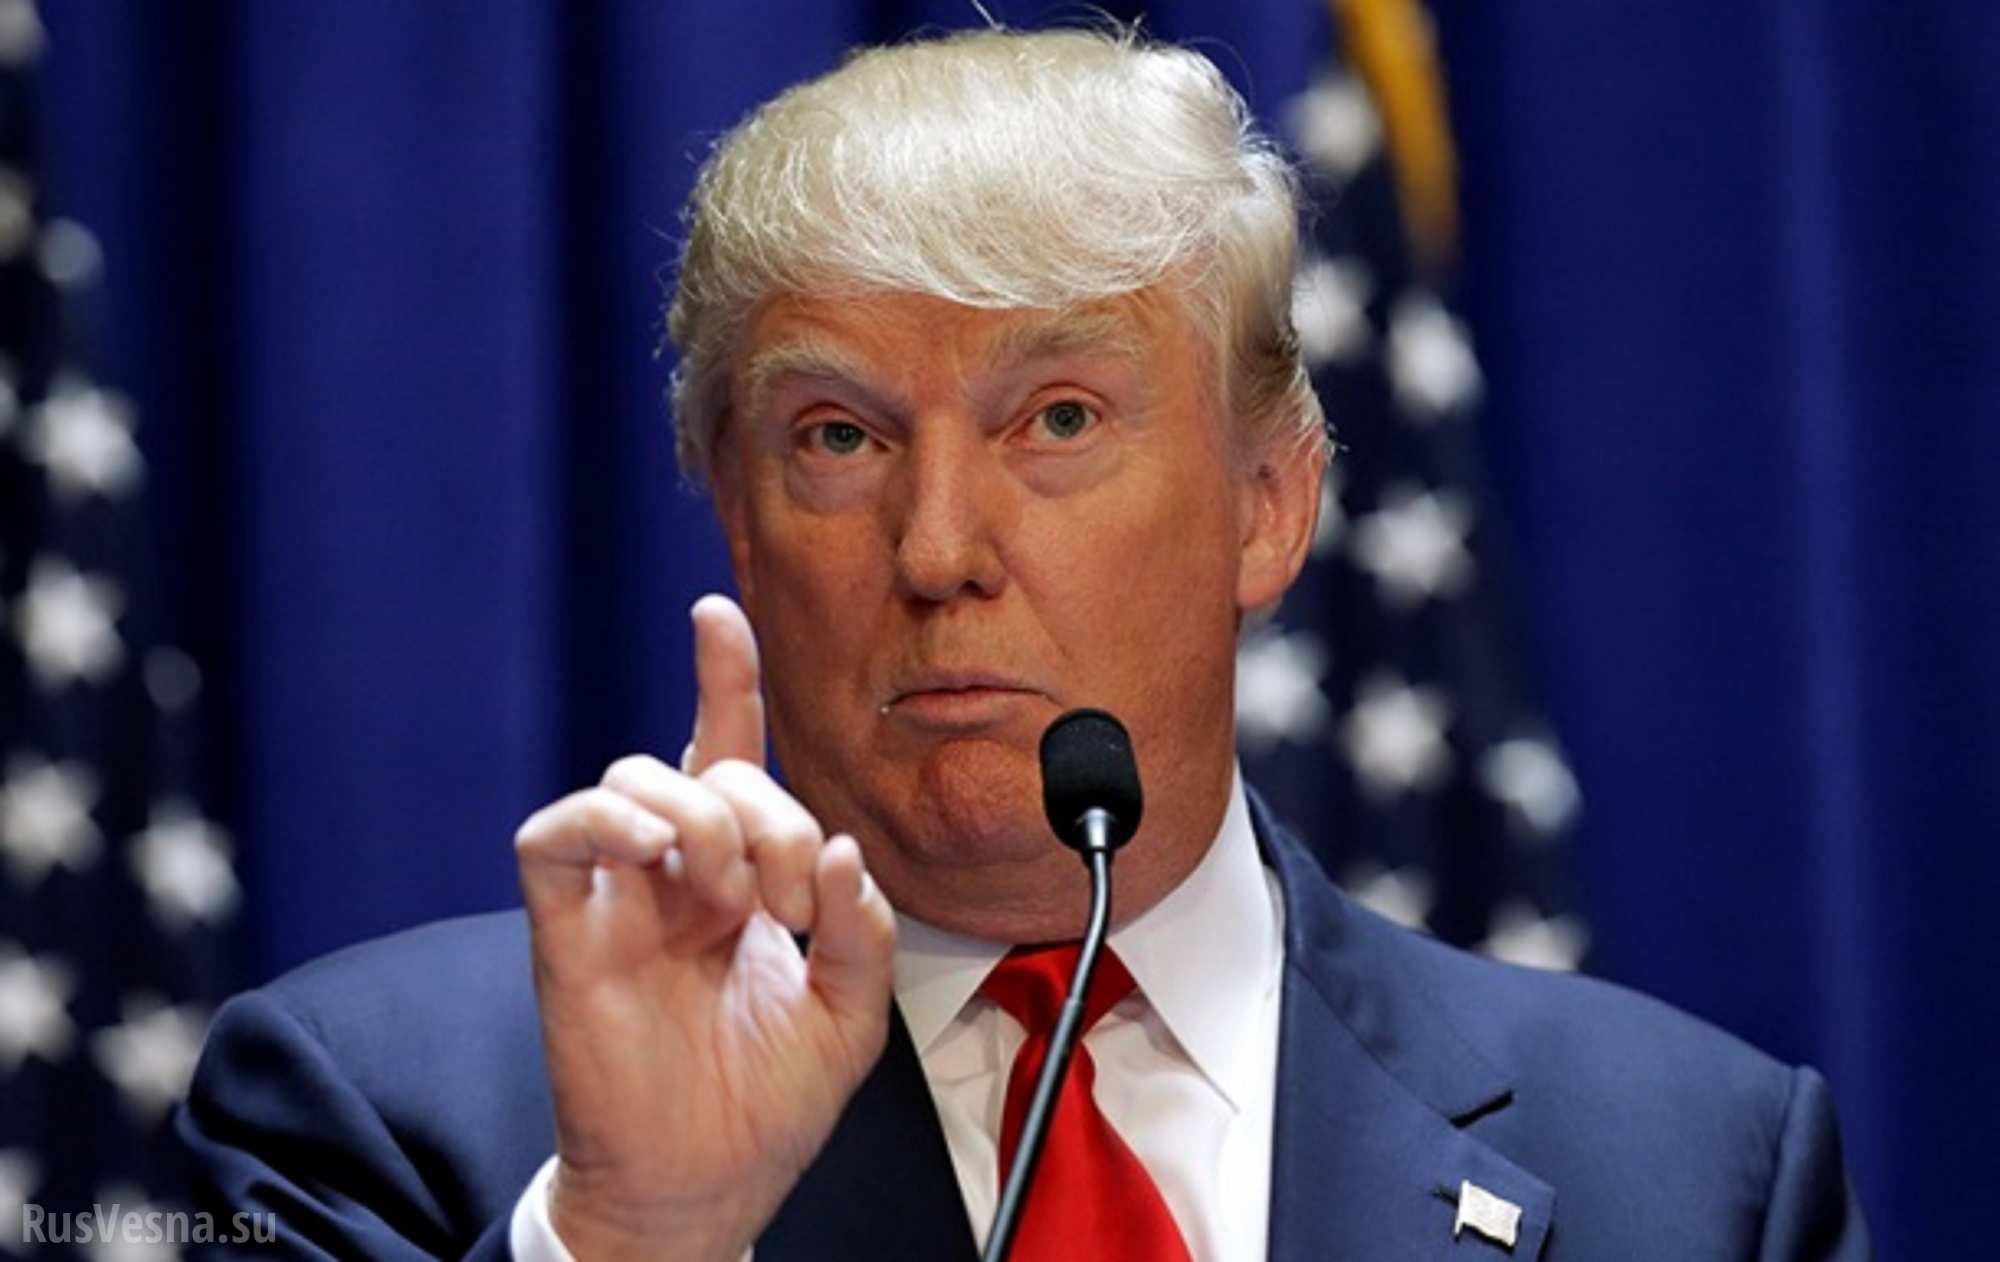 Трамп хочет открыть новую страницу в российско-американских отношениях, — Пенс